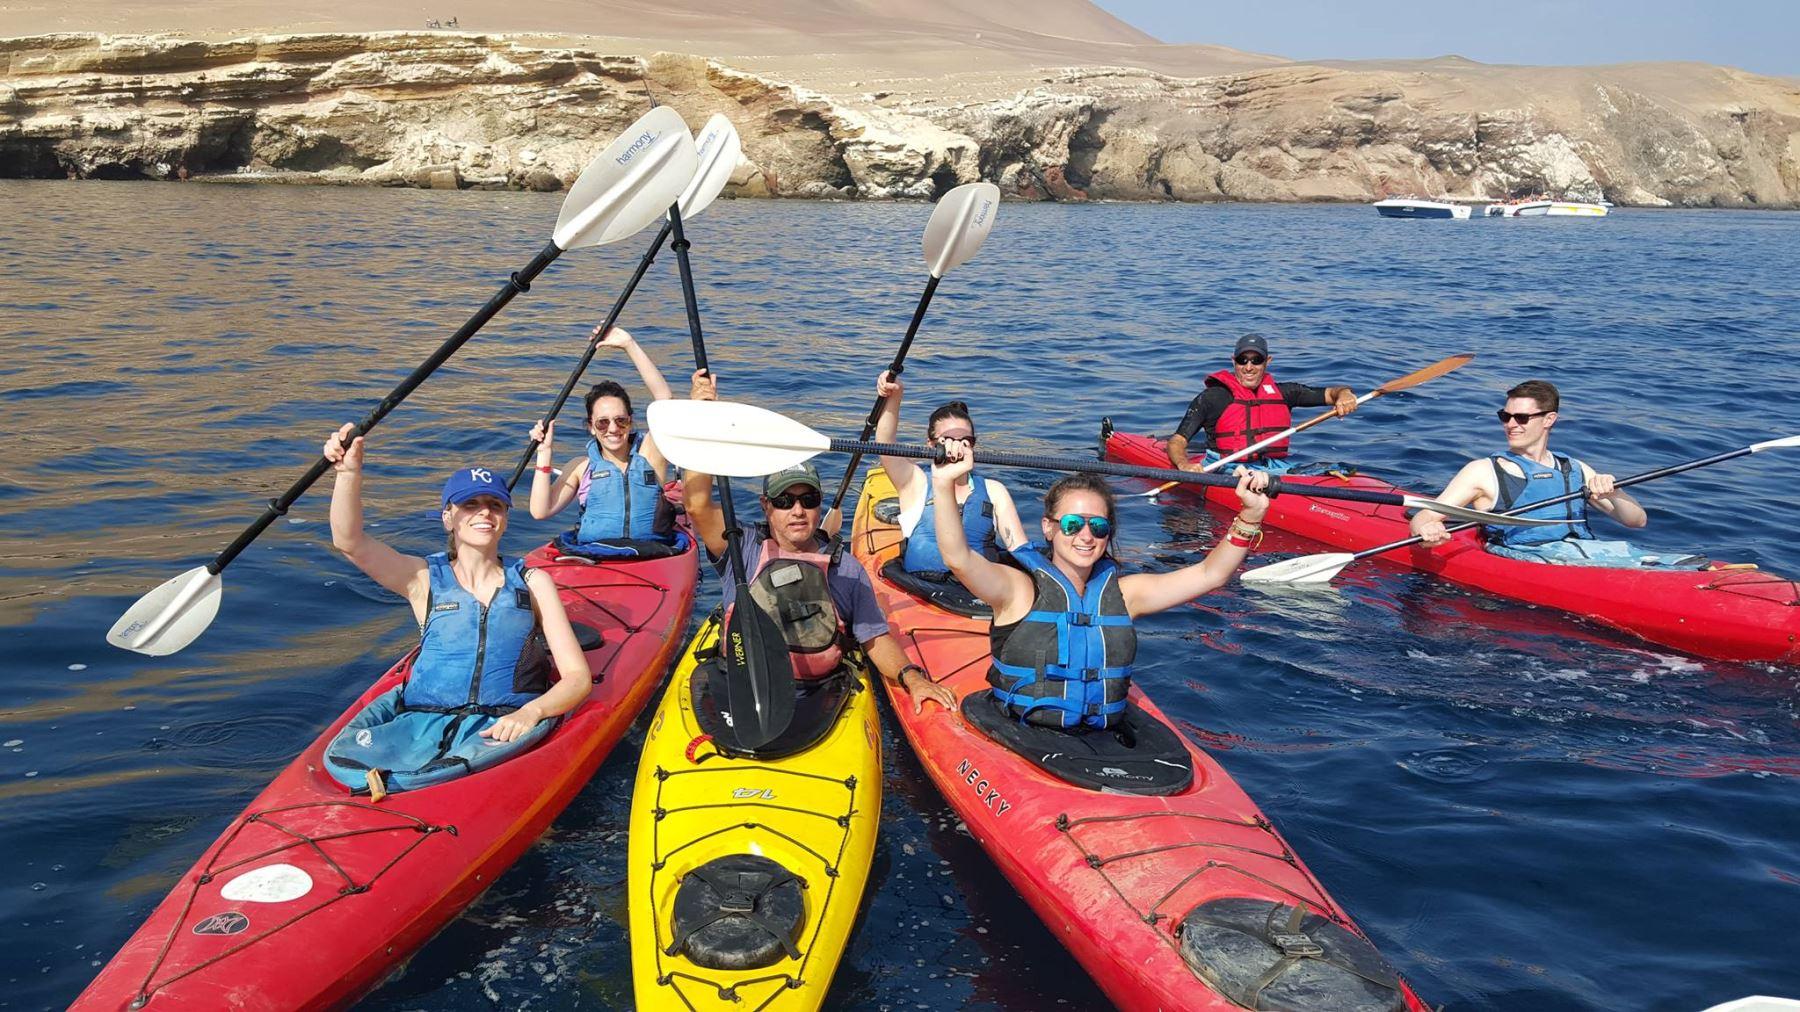 Brindarán servicio turístico en la Reserva Nacional de Paracas.